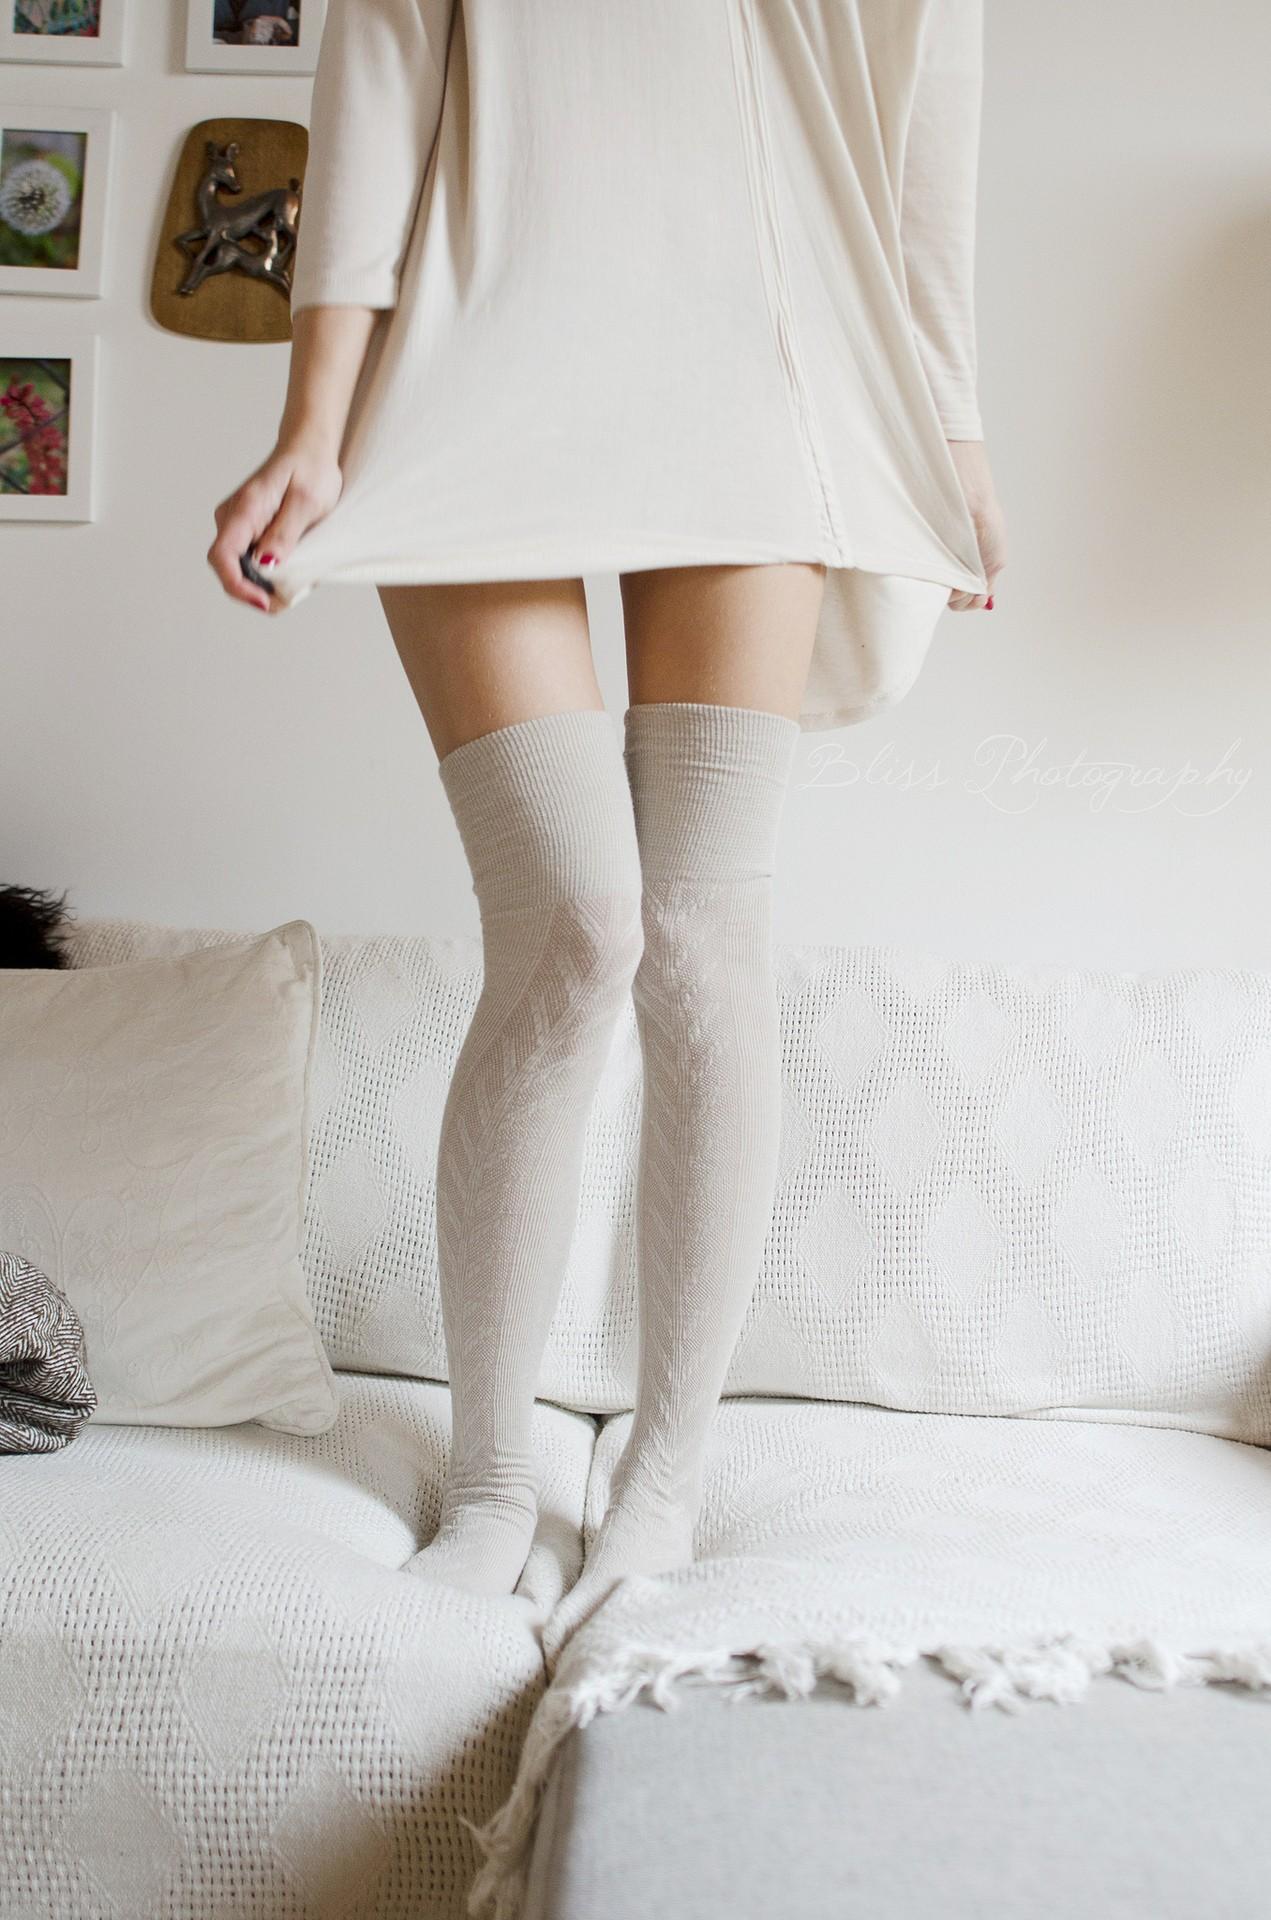 стройные худые ноги в чулках бешенную еблю